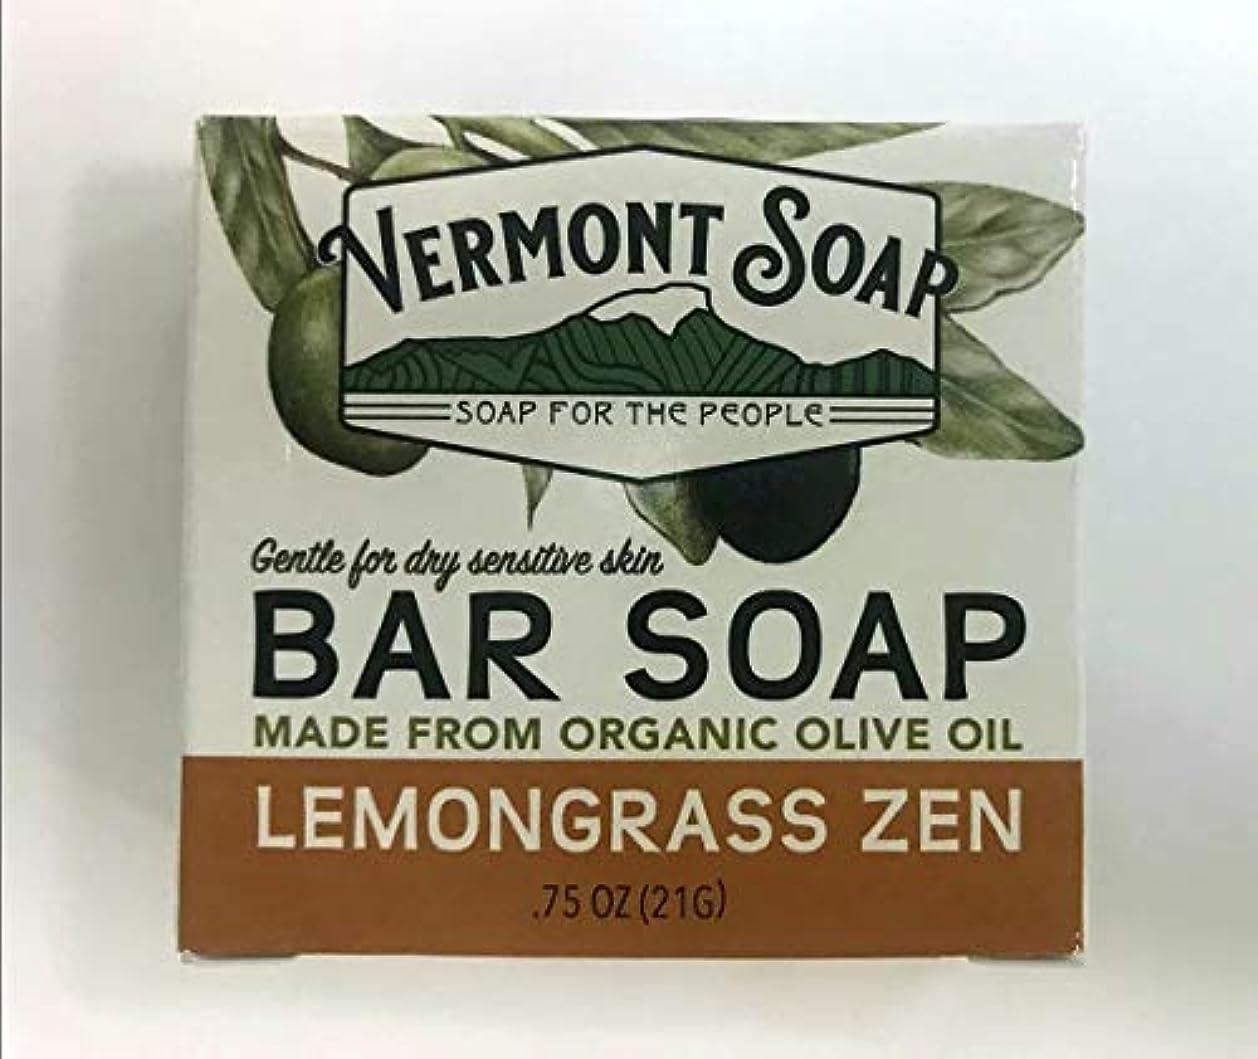 ベスビオ山準備ができてびっくりVermontSoap バーモントソープ トラベルサイズ 2種類 (レモングラス) 21g オーガニック石けん 洗顔 ボディー